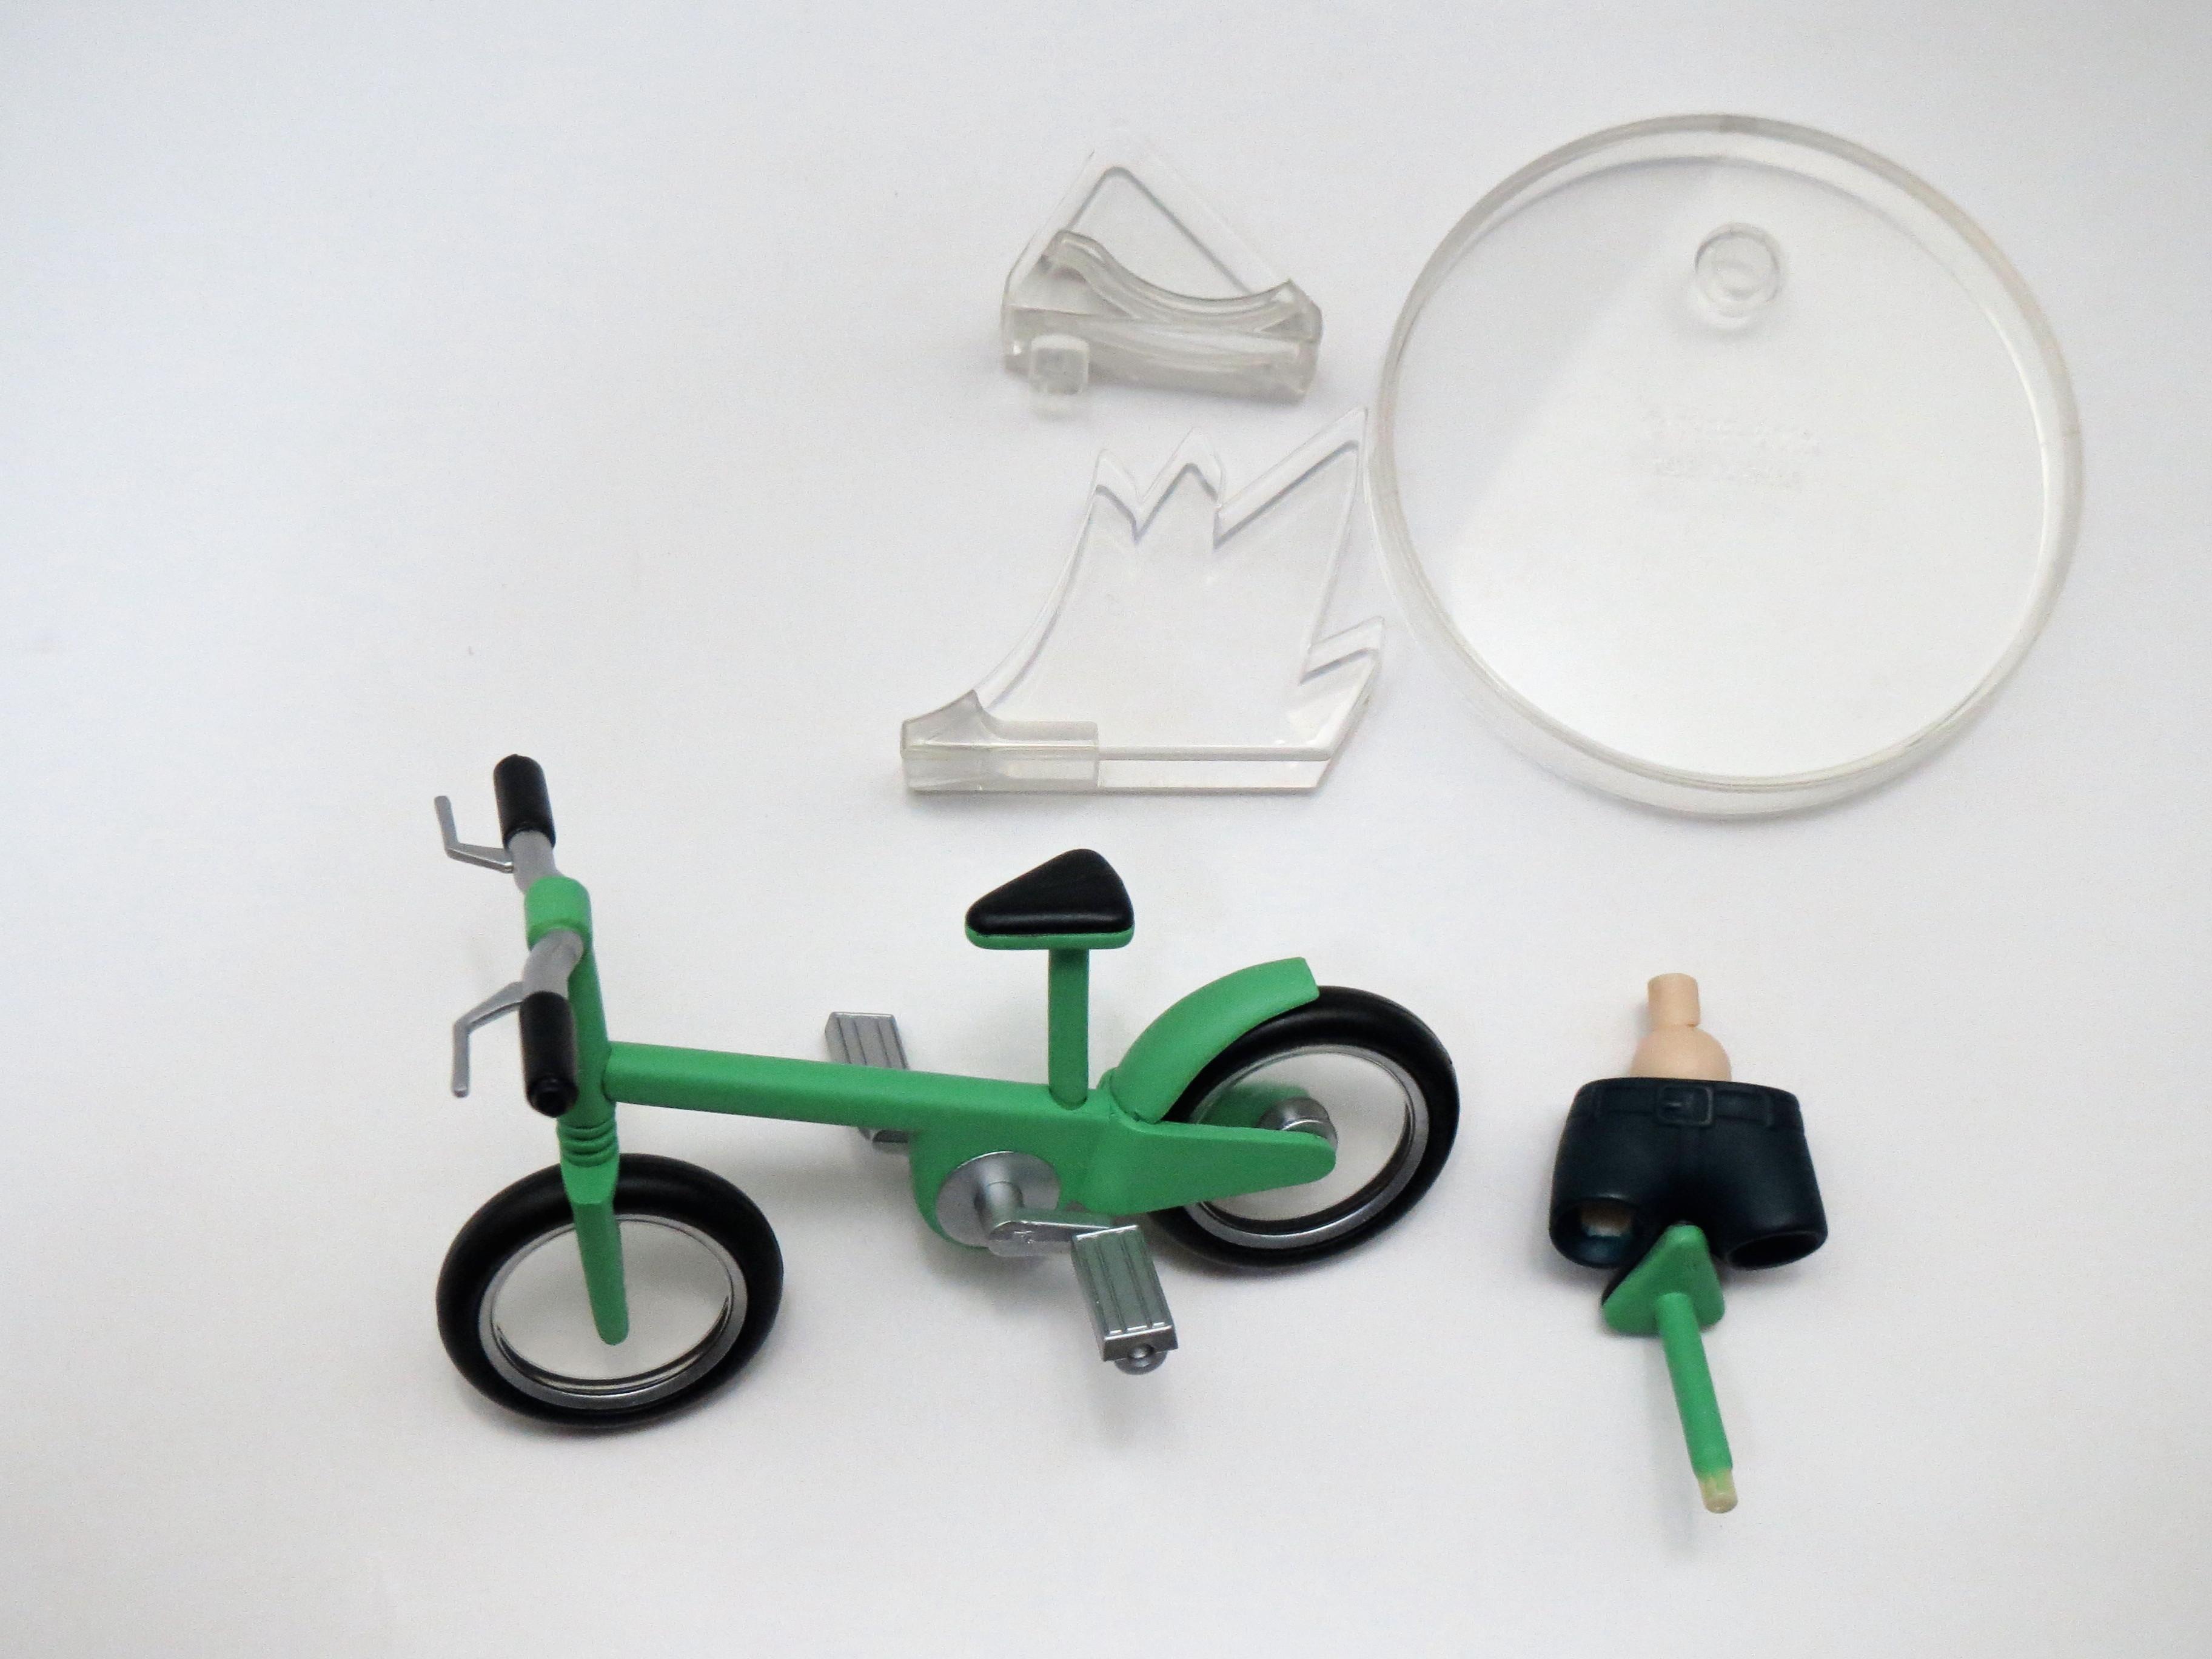 【021】 ちゃりんこライダー 小物パーツ 自転車 ねんどろいど